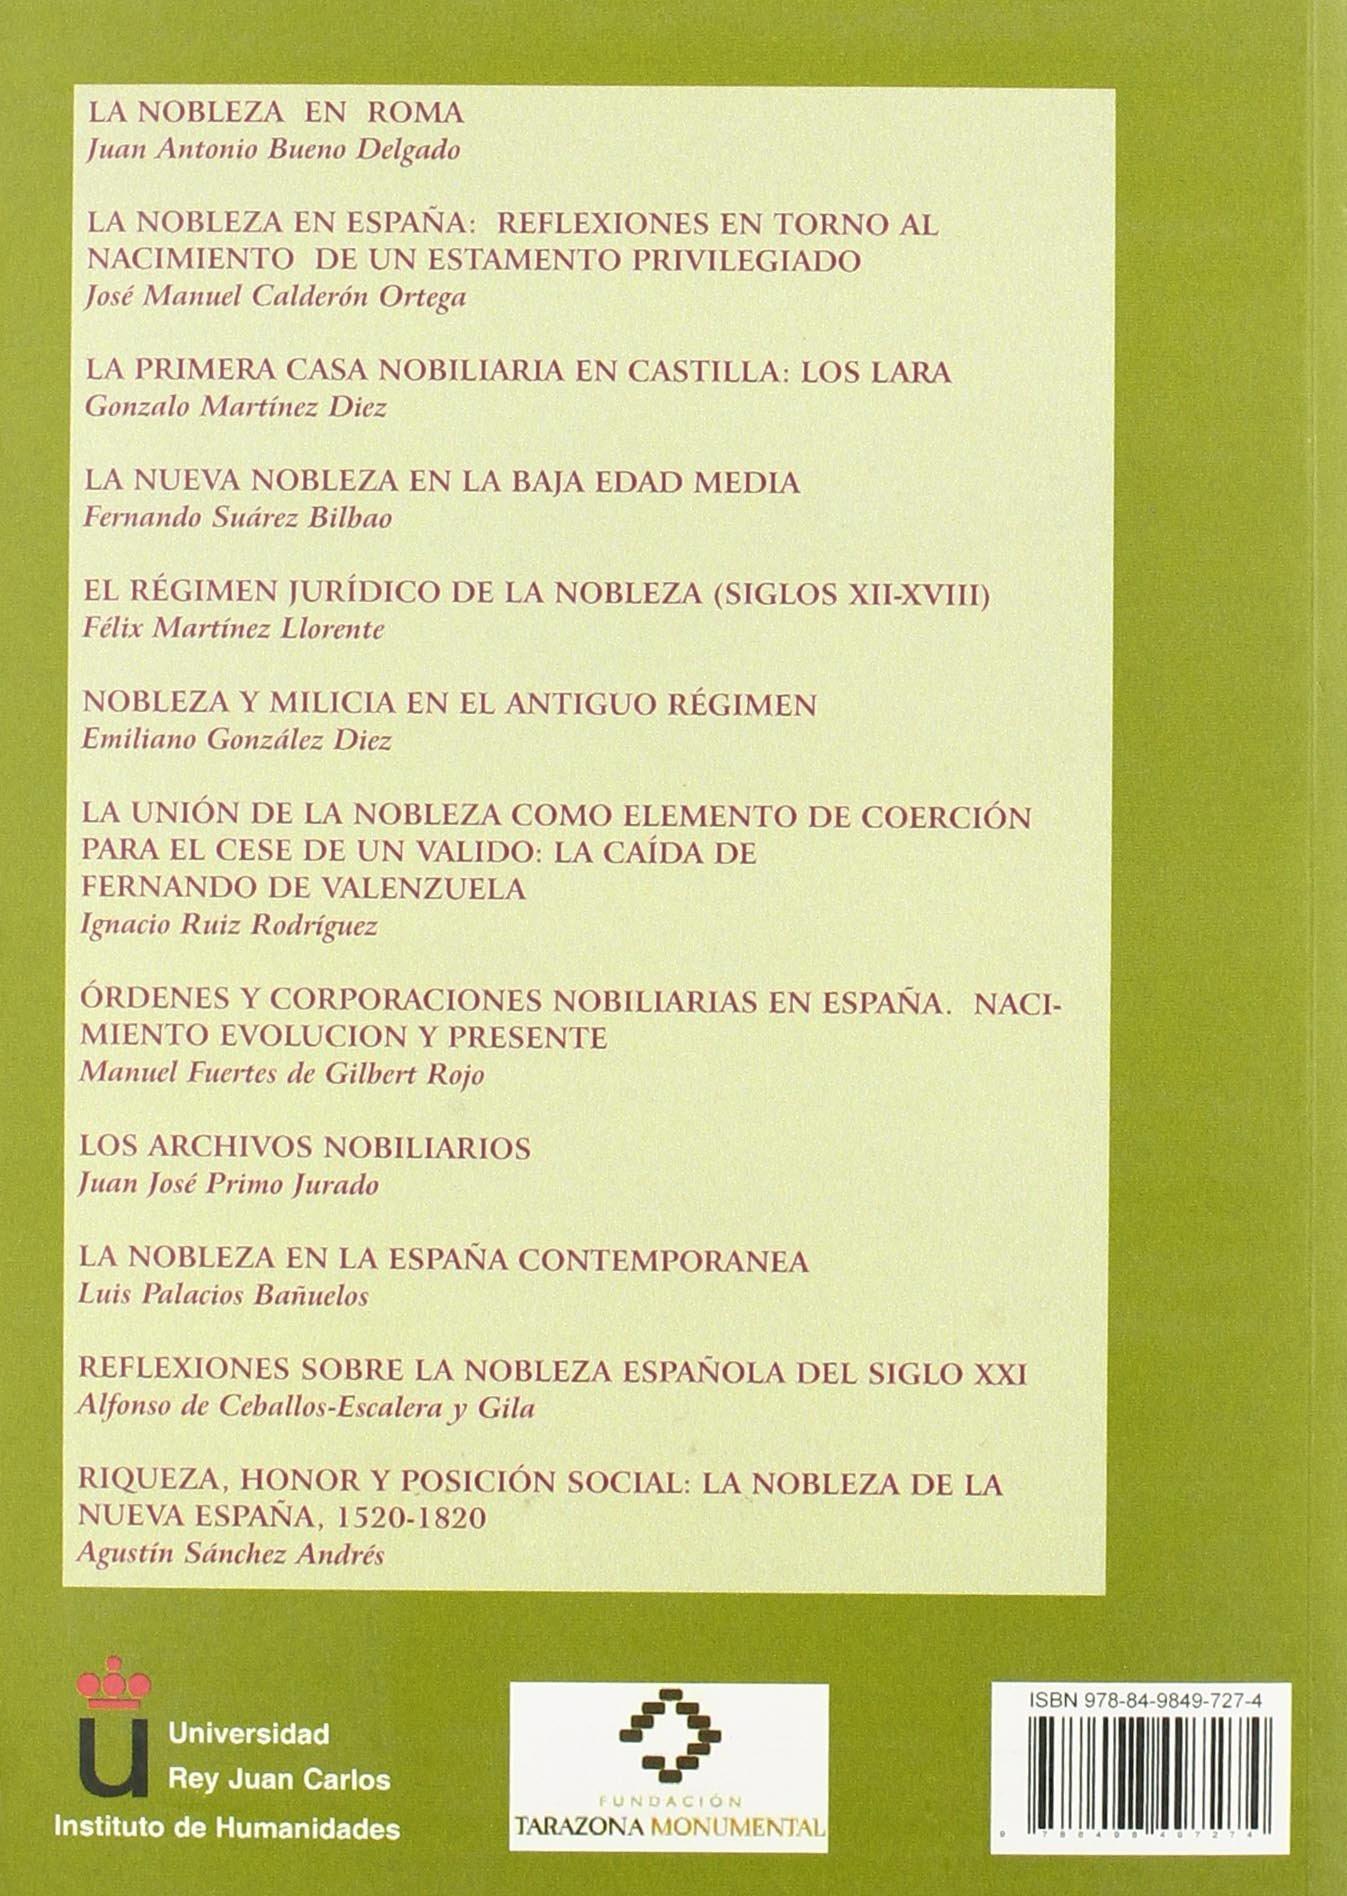 La nobleza en España. Historia, presente y futuro y perspectivas de futuro: Actas del VI Curso de Verano Ciudad de Tarazona, organizada por el ... Tarazona Monumental 23-25 de julio de 2009: